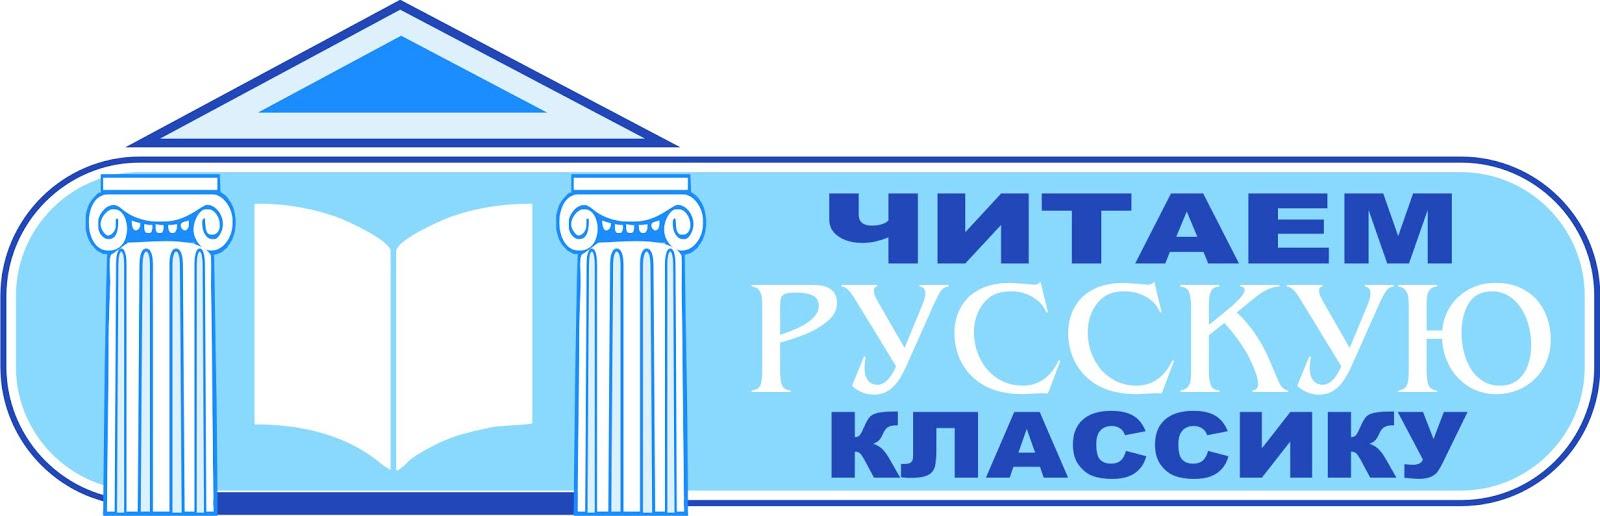 михайловка волгоградской области знакомства обсуждение